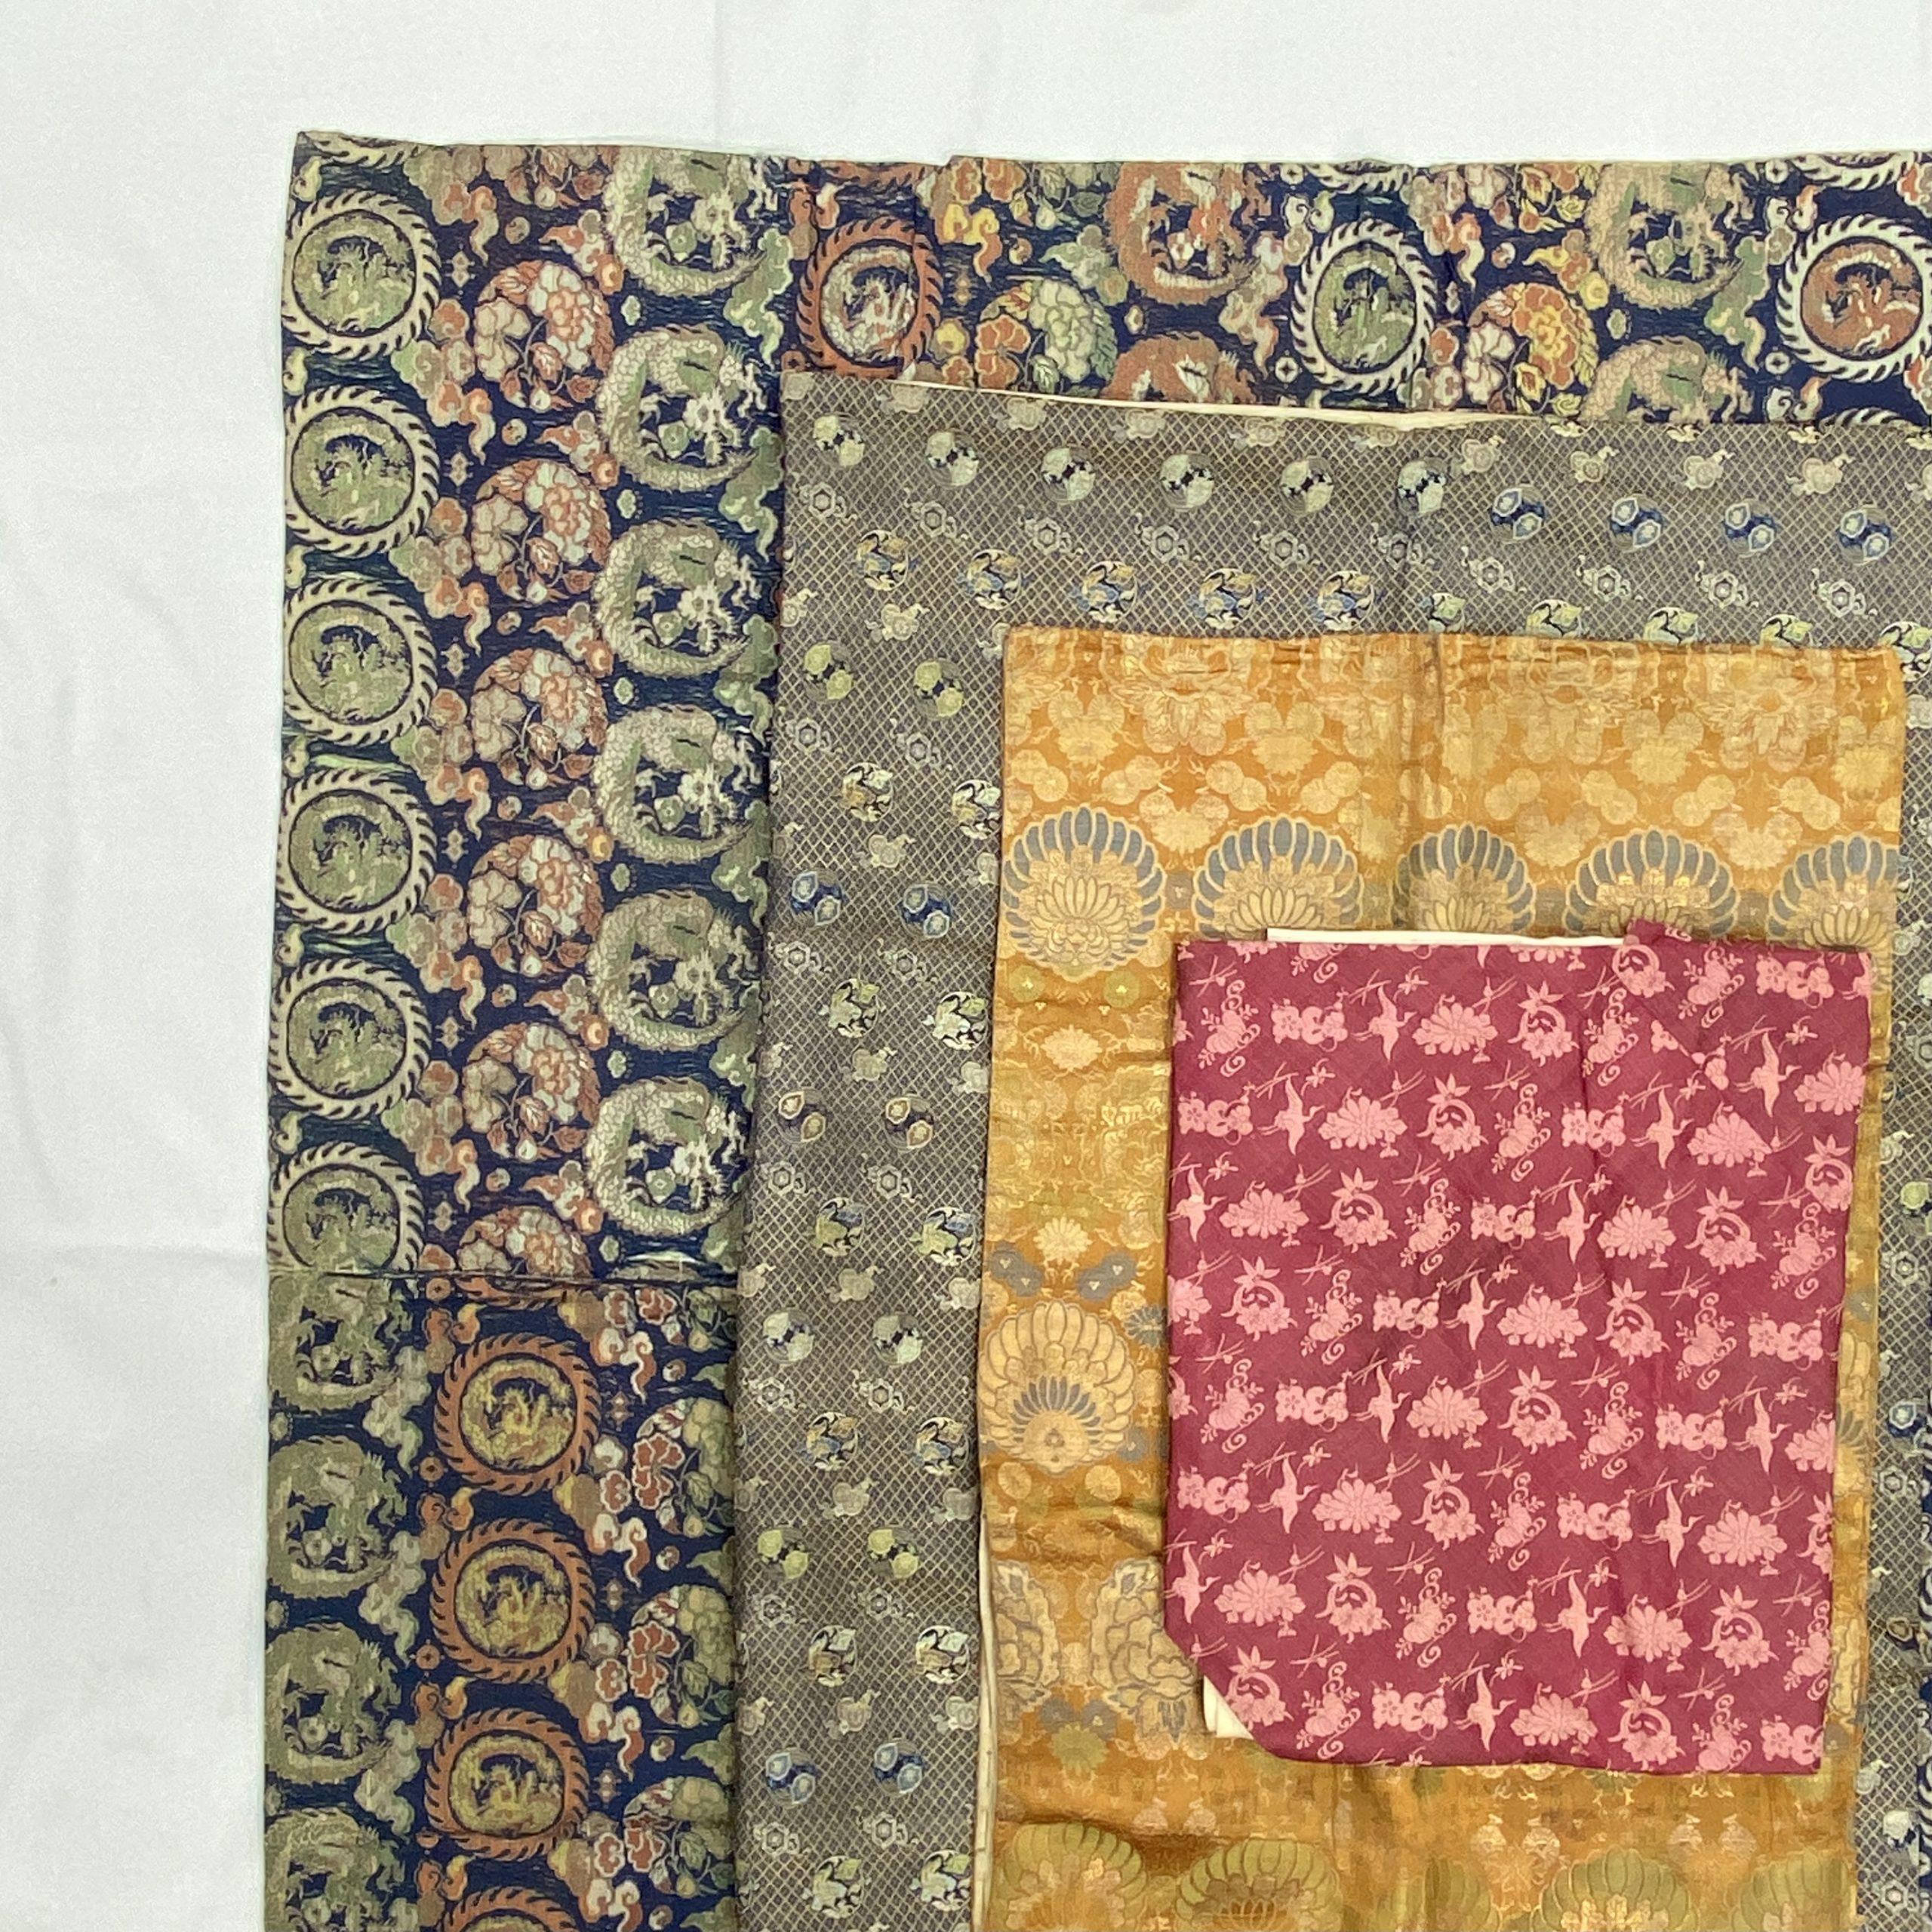 30479清「天保十二年」款 藍地龍紋 掛屏等 計4件130×130cm